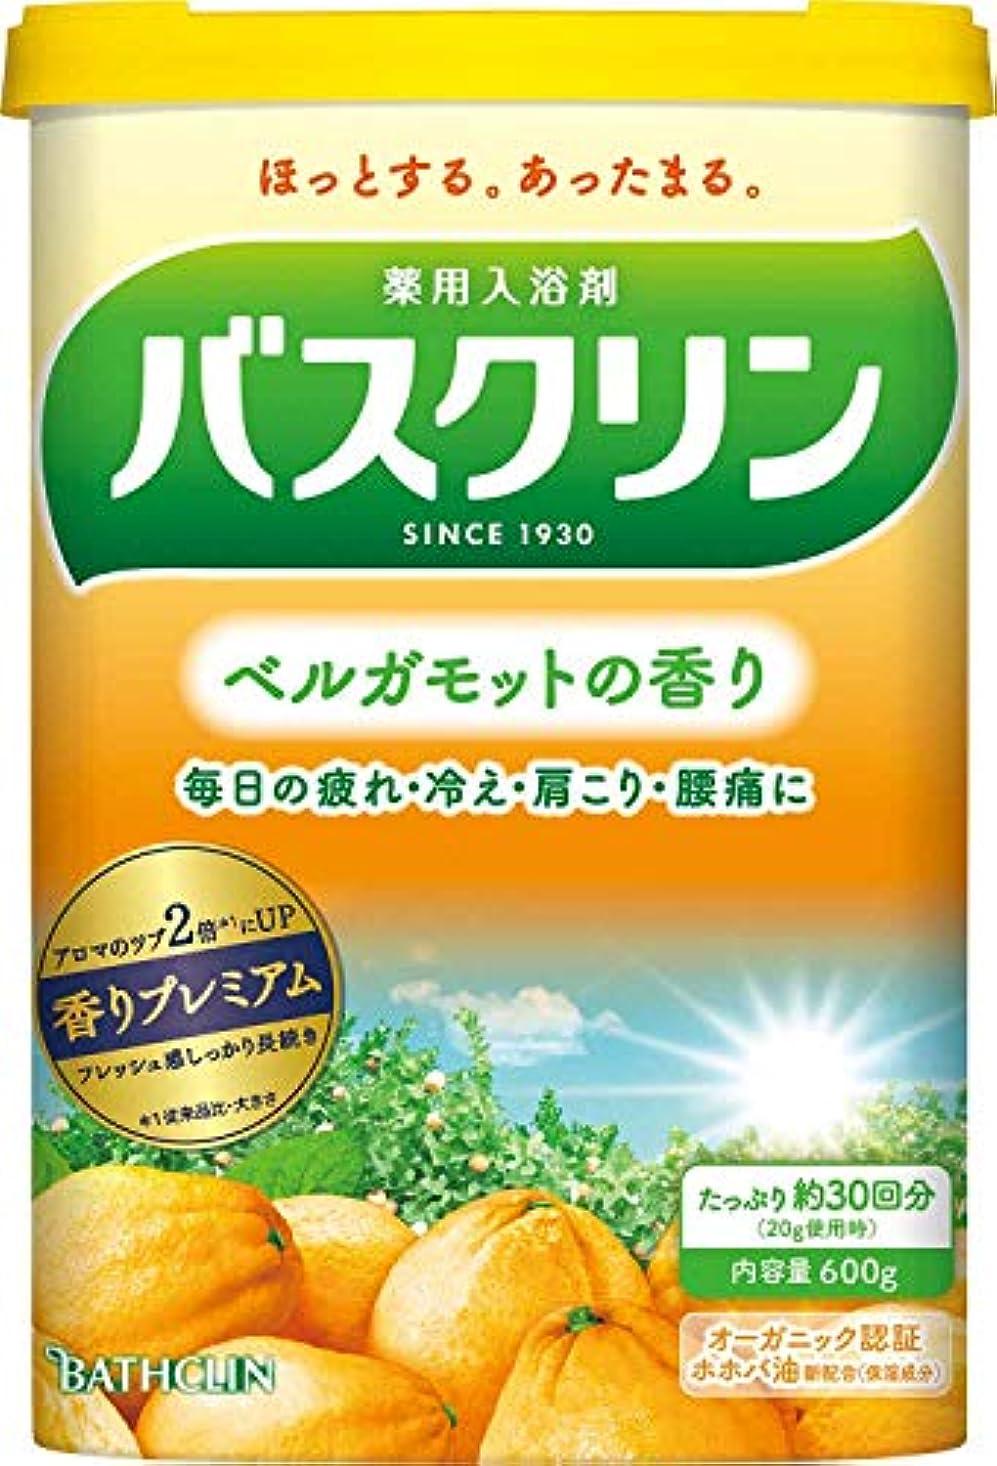 保証グラフィックジャンプ【医薬部外品】バスクリン入浴剤 ベルガモットの香り600g(約30回分) 疲労回復